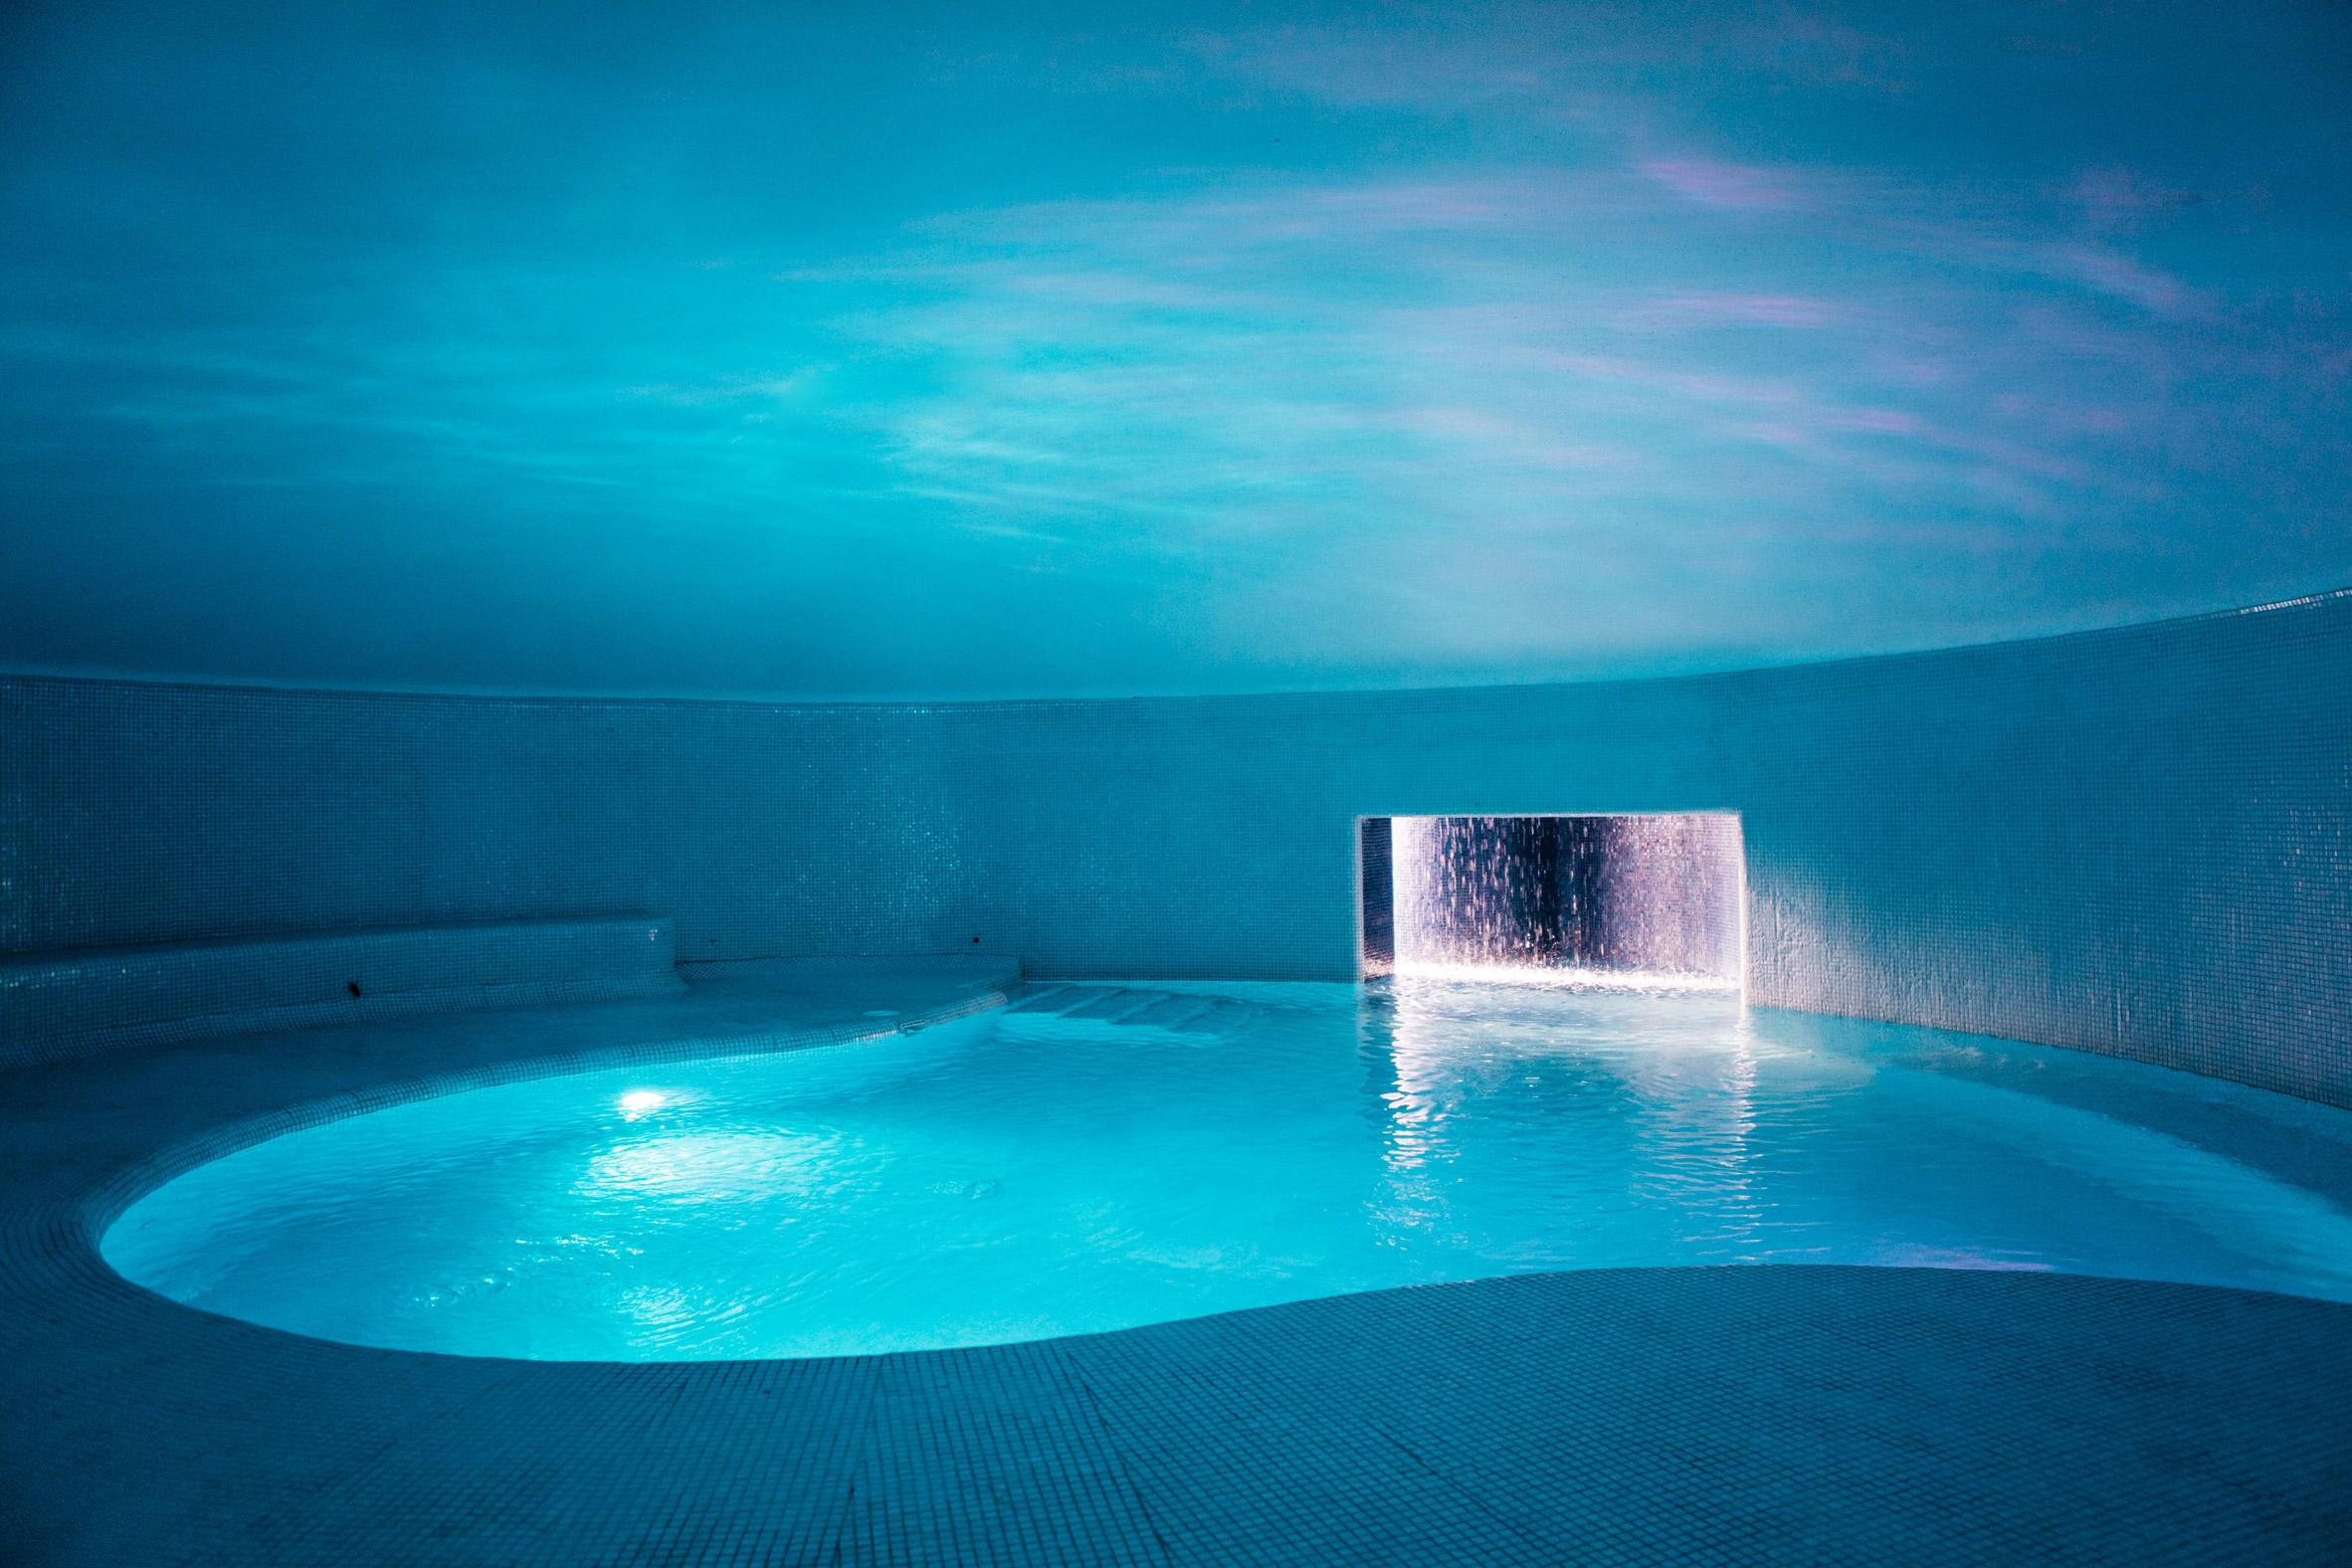 casa-malca-architecture-hotels-mexico_dezeen_2364_col_0.jpg